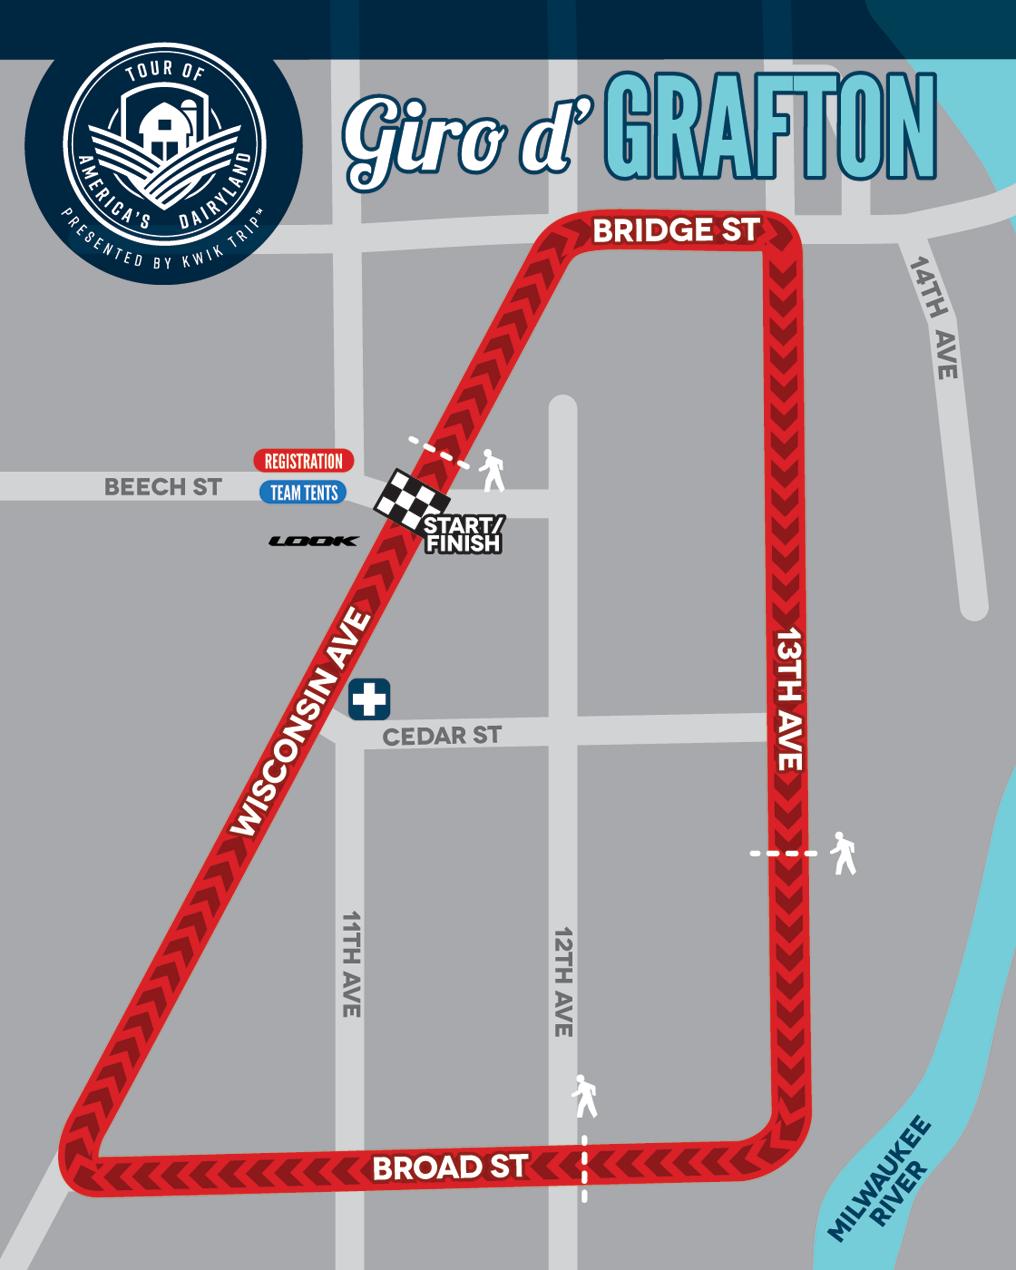 Giro d'Grafton Race Map